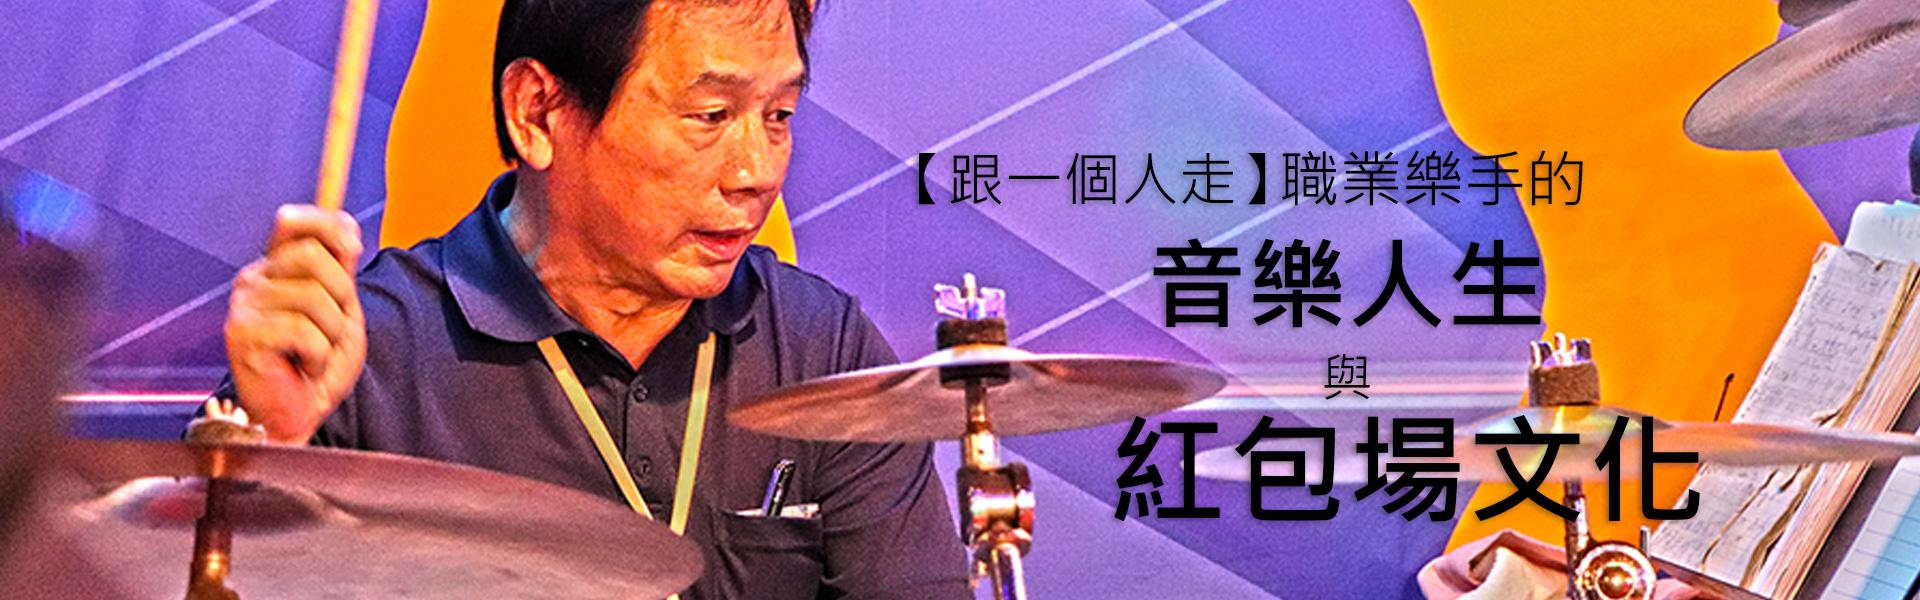 跟一個人走 >>> 職業鼓手的音樂人生與紅包場文化